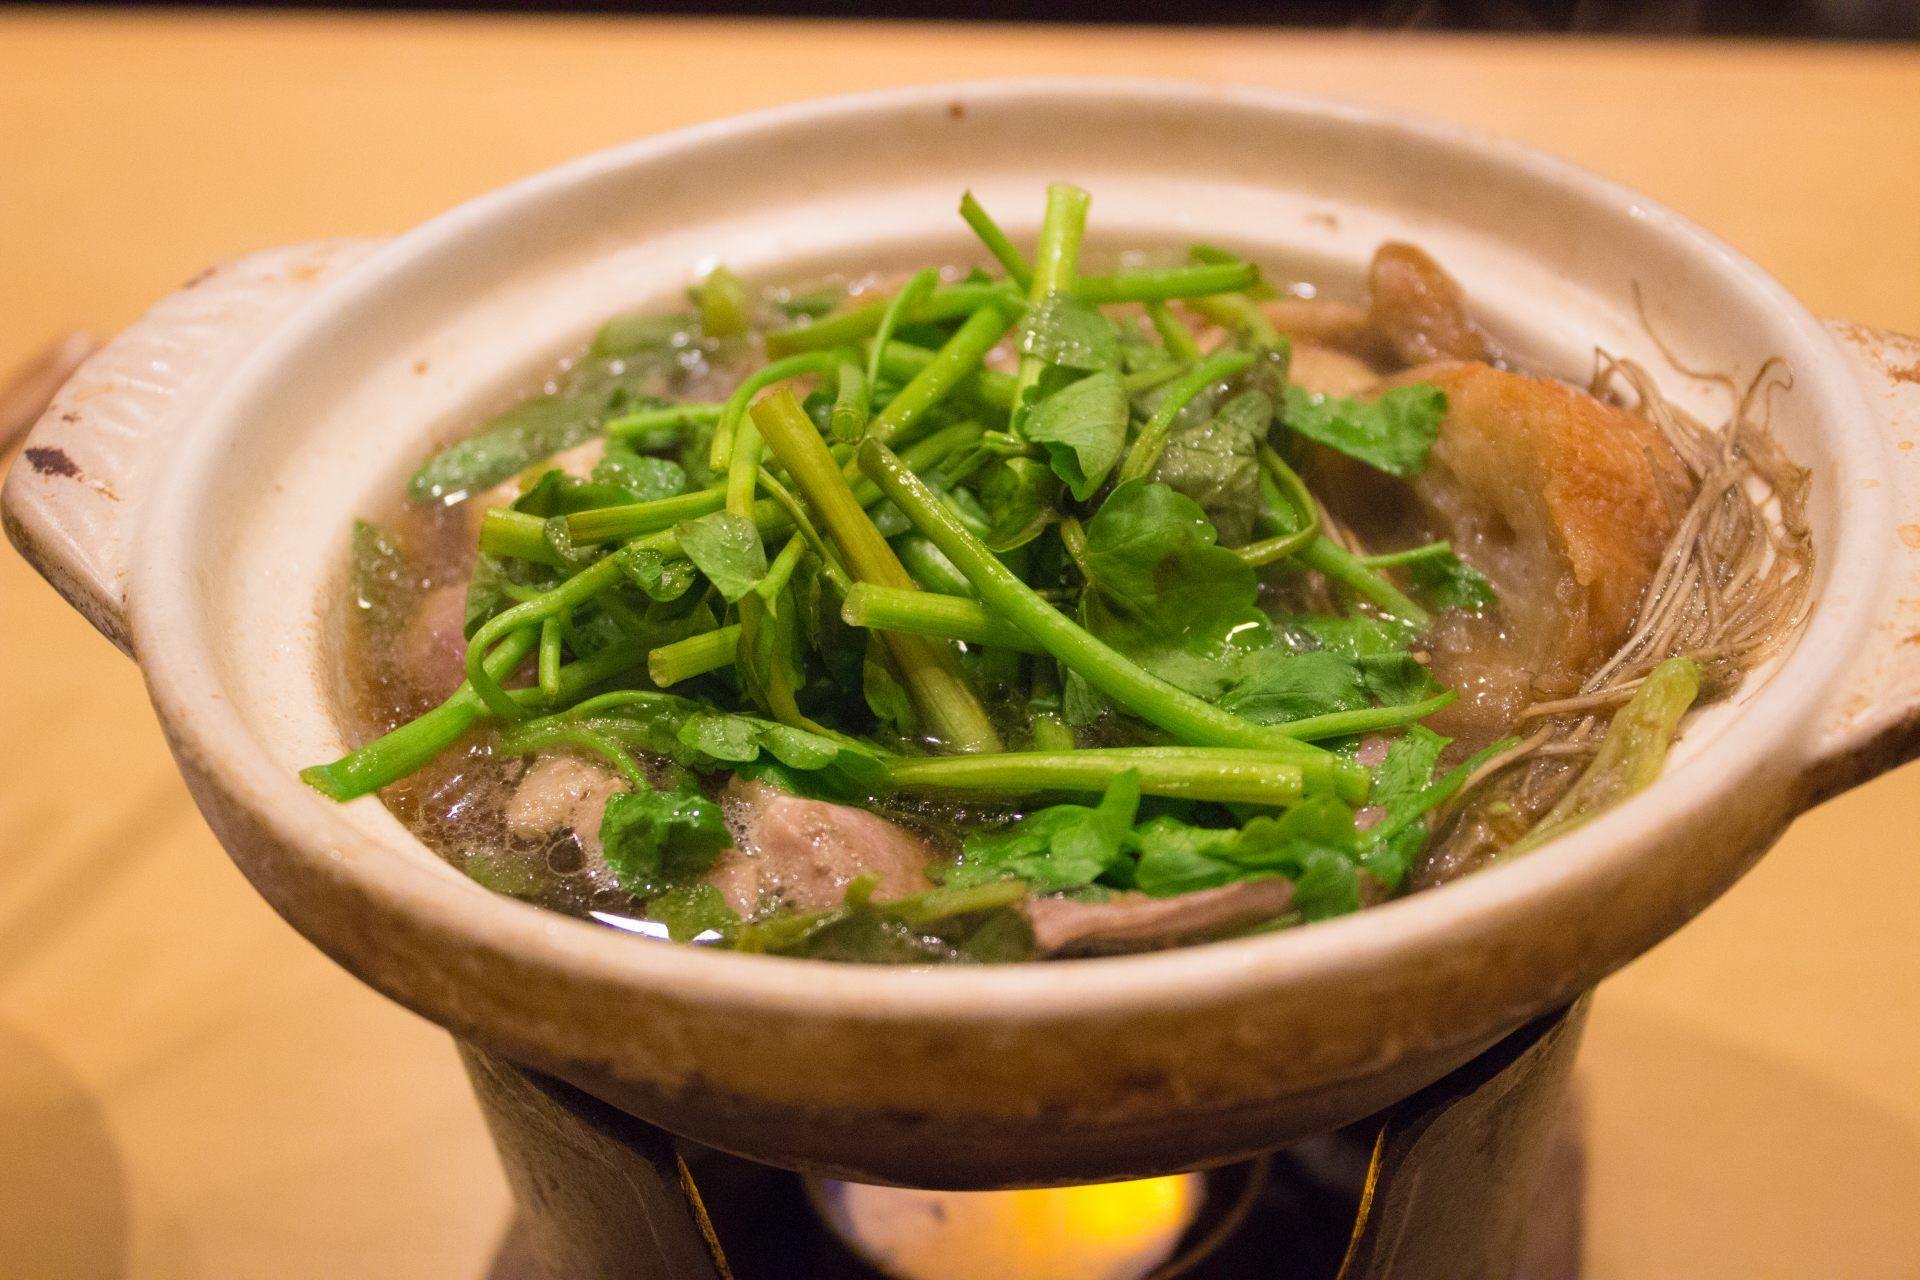 仙台冬天一定要品尝的美食「芹菜火锅」